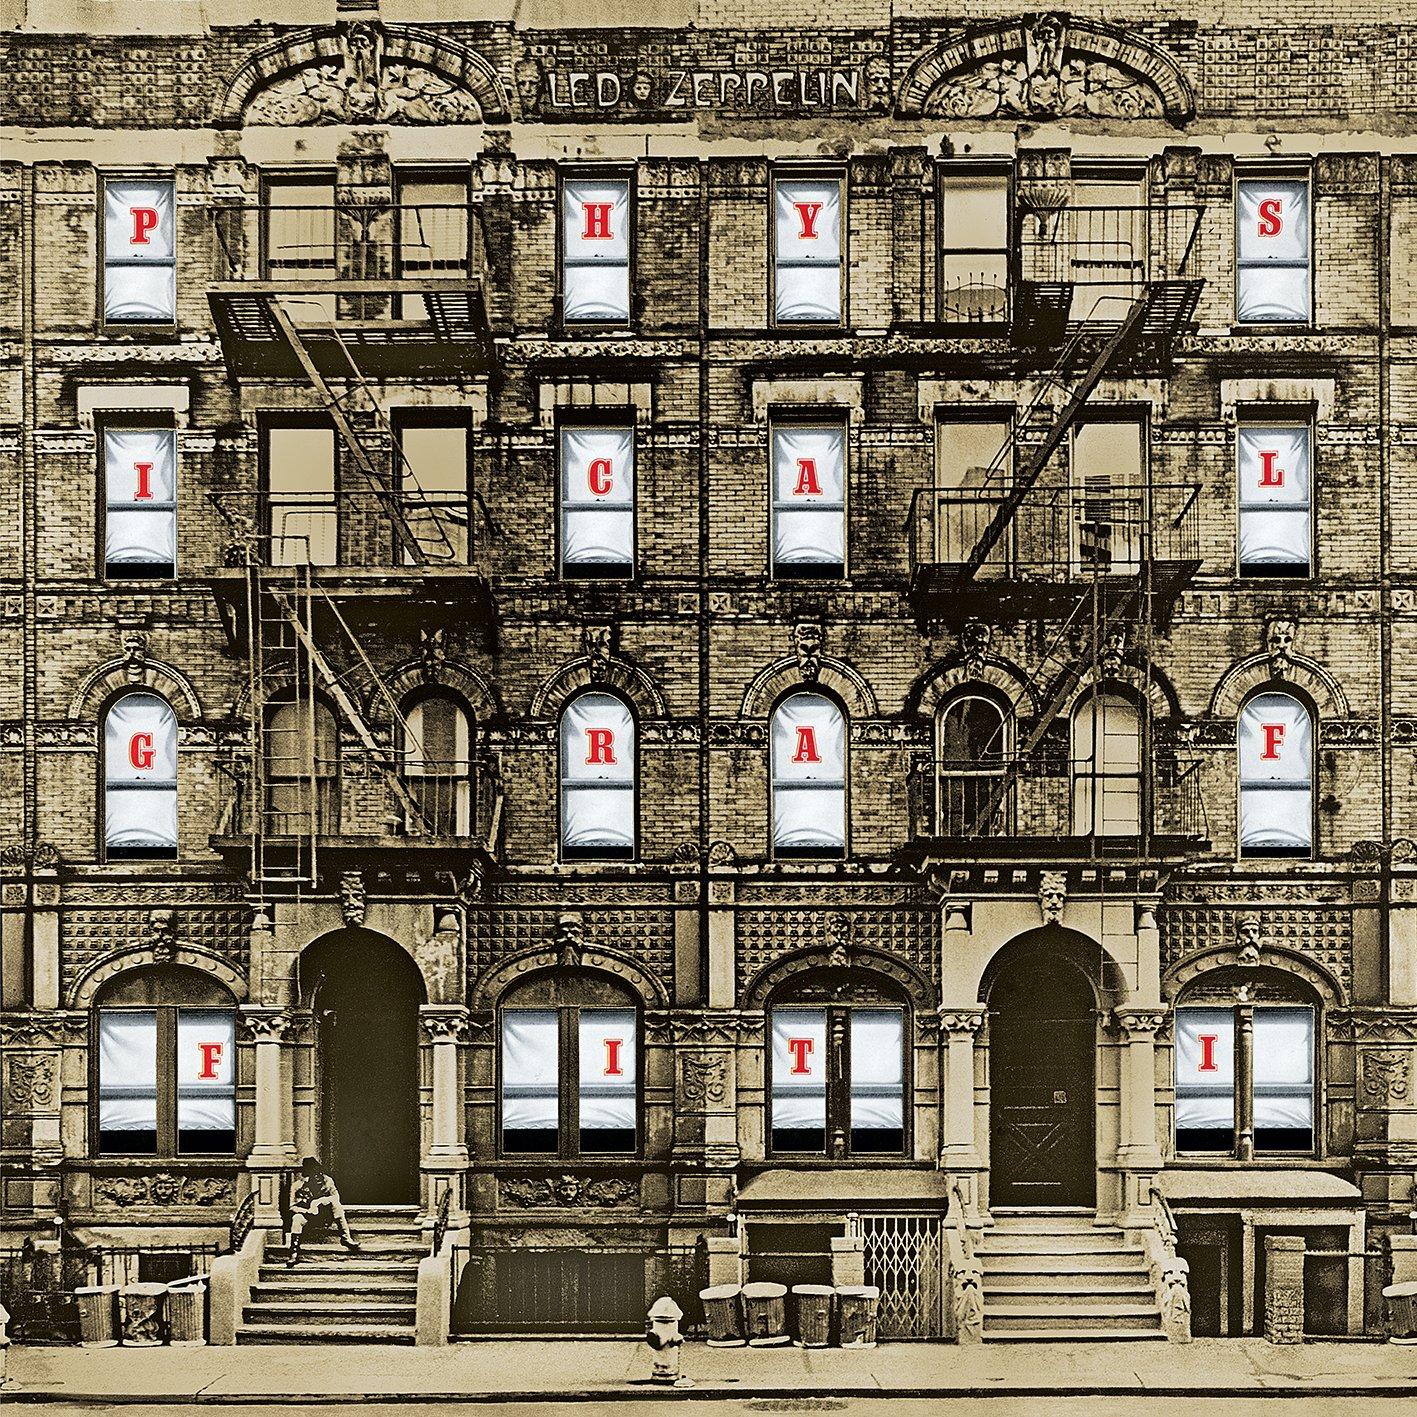 Αποτέλεσμα εικόνας για PHYSICAL GRAFFITI-Led Zeppelin vinyl